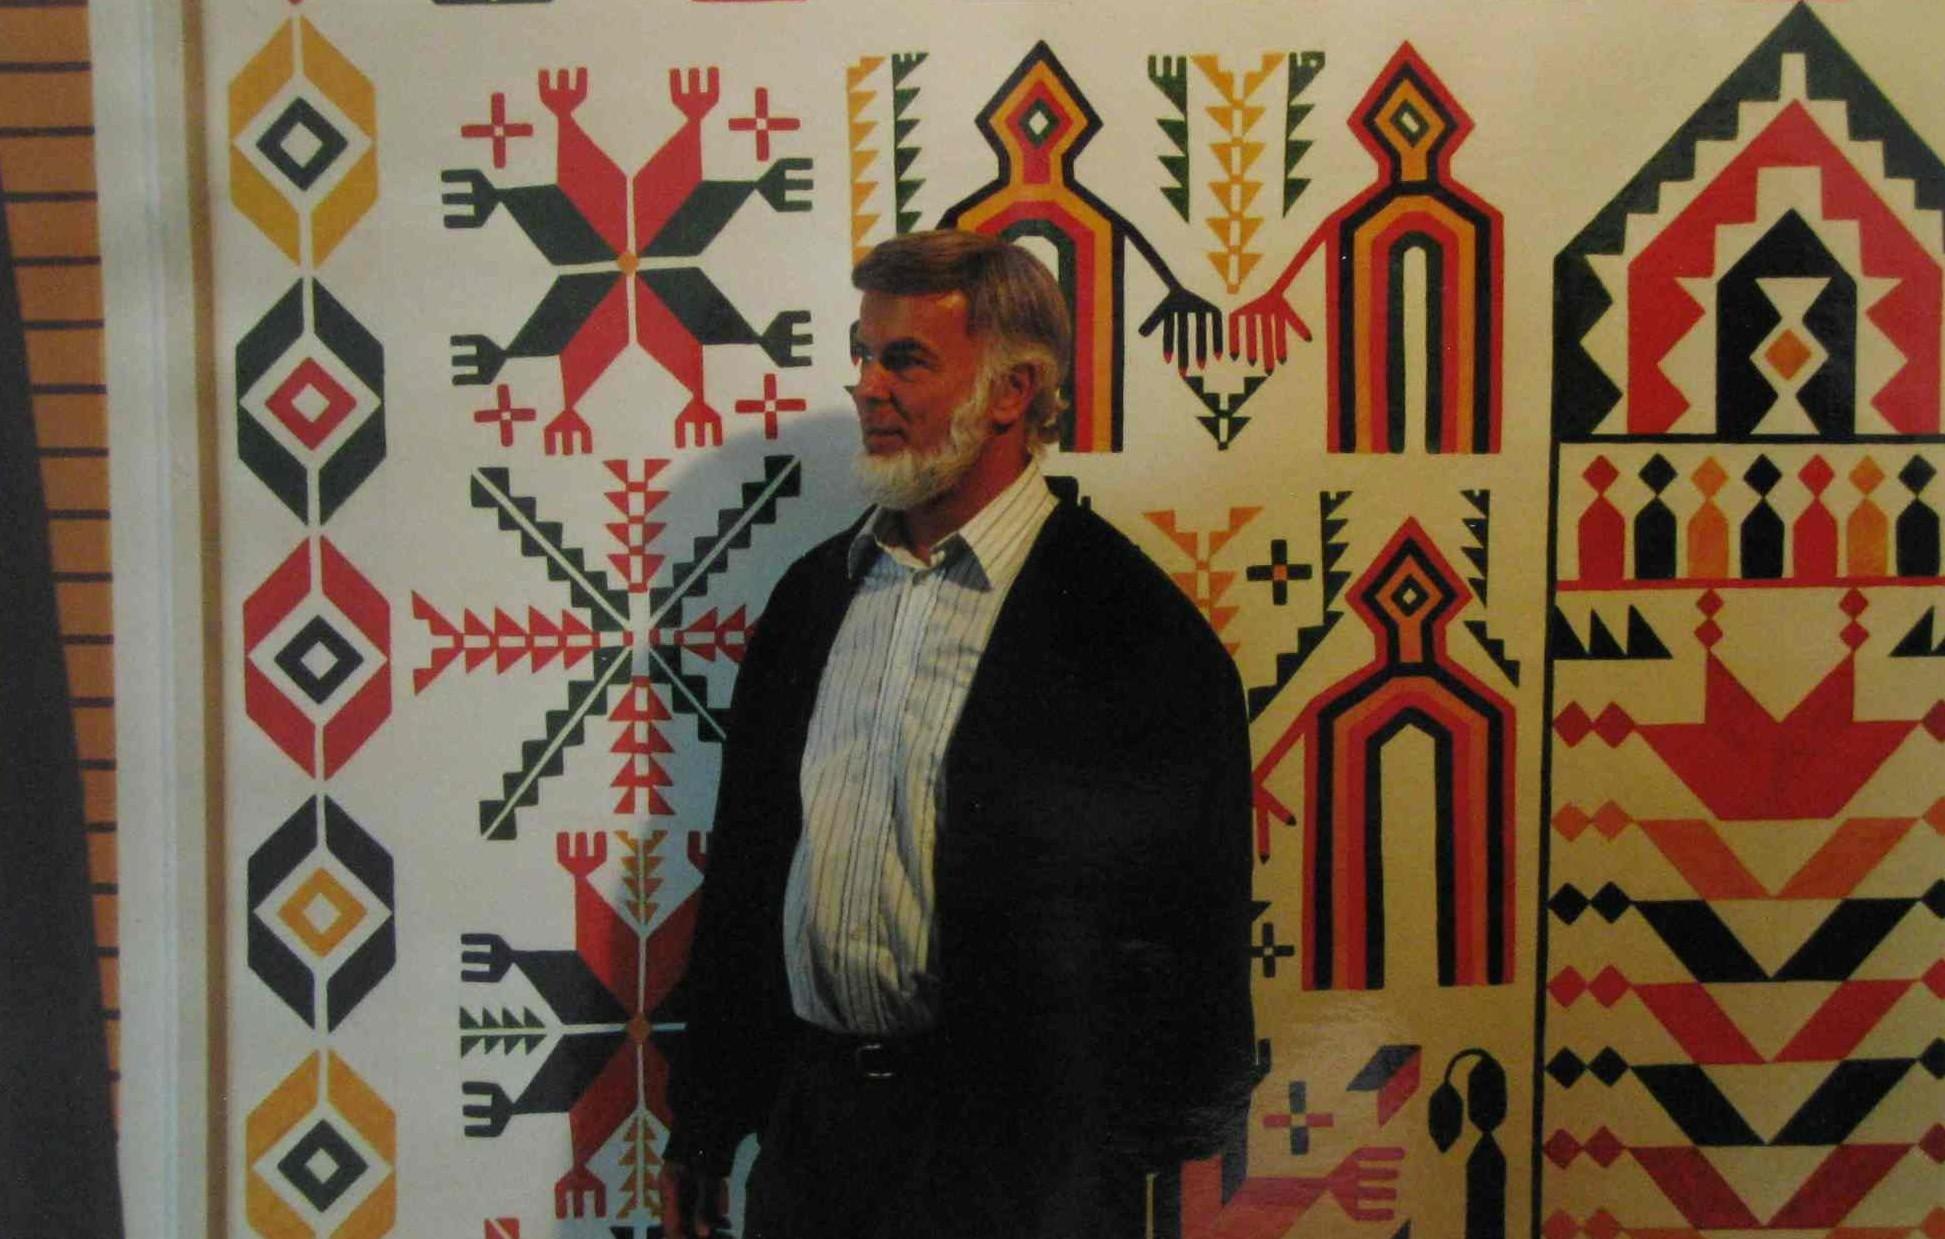 Paul Bucherer in the Afghanistan museum in Bubendorf, Switzerland